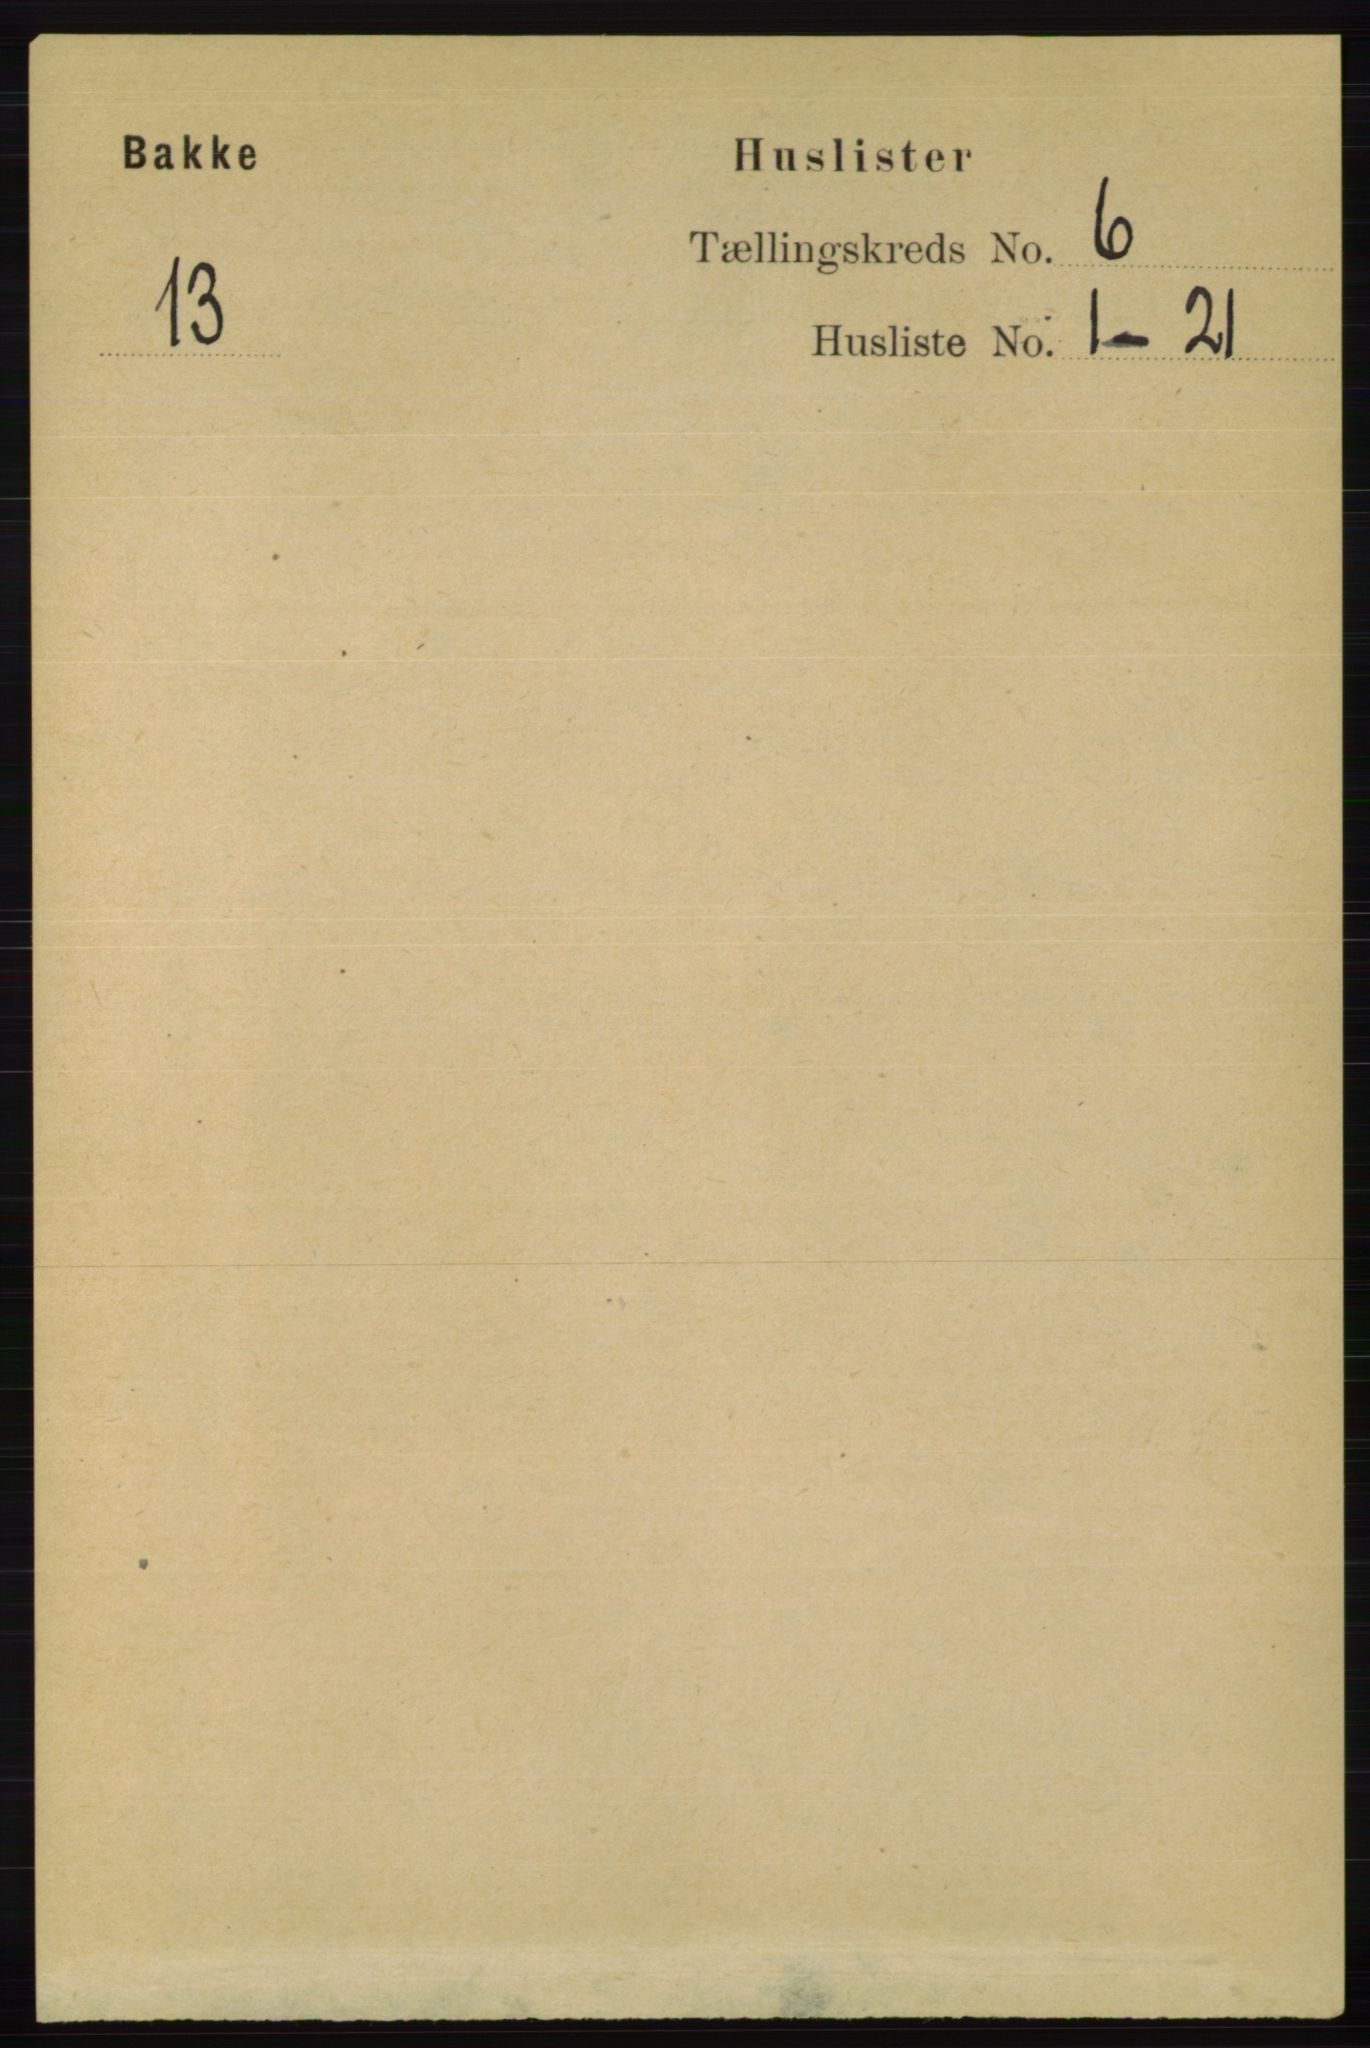 RA, Folketelling 1891 for 1045 Bakke herred, 1891, s. 1148